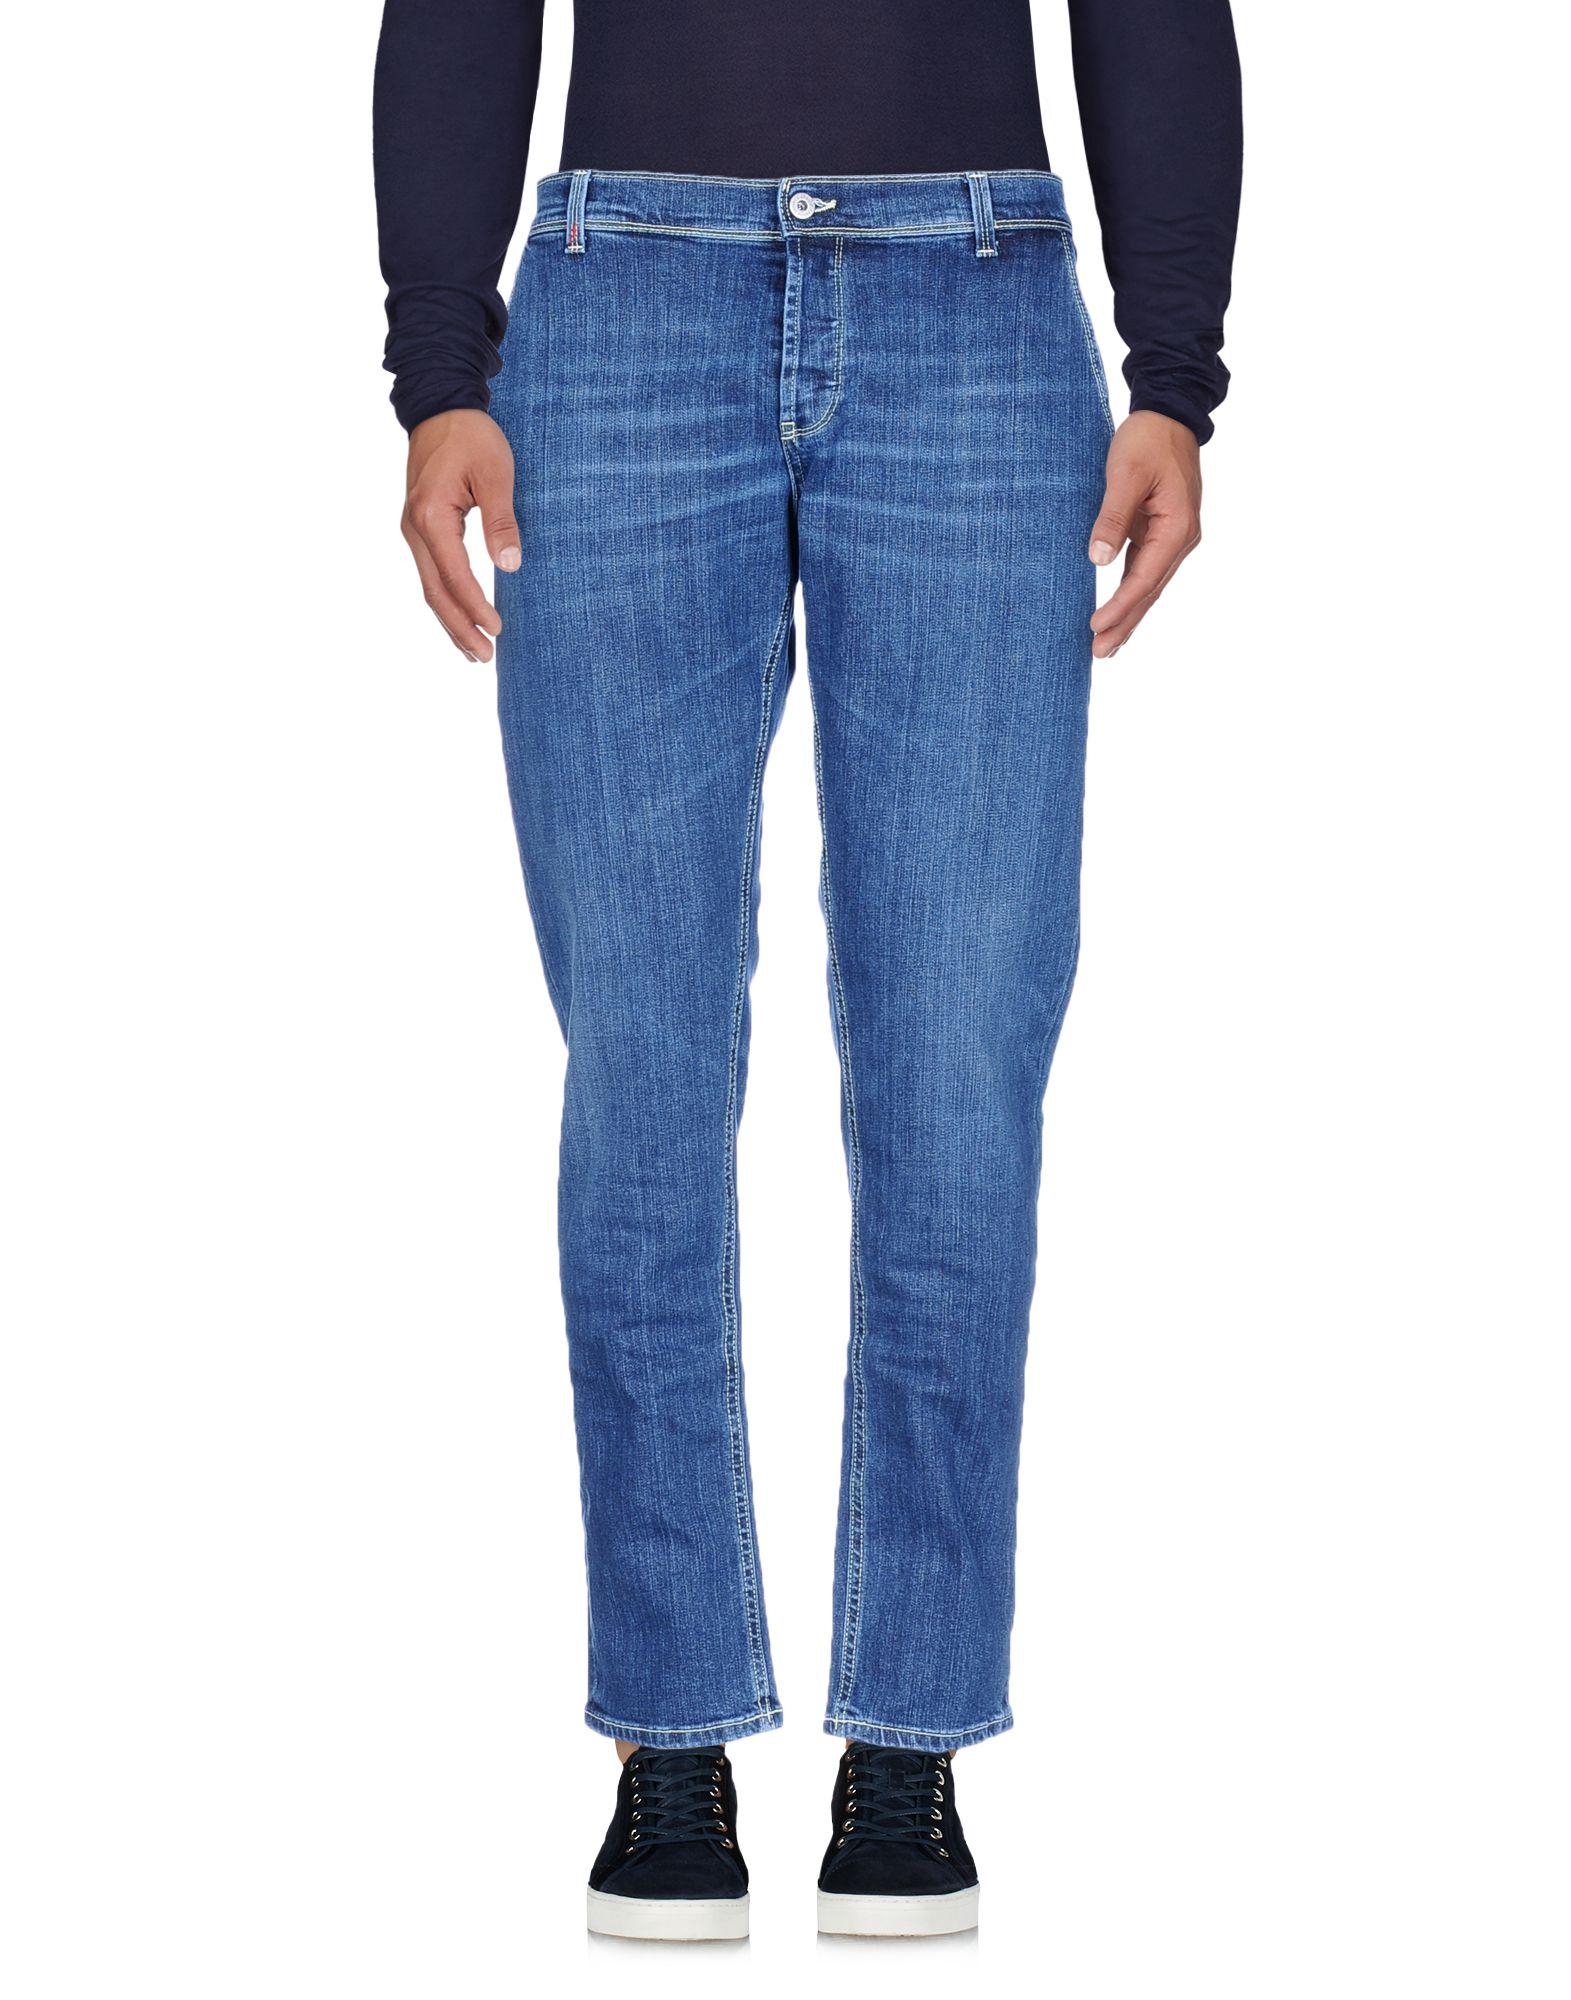 Pantaloni Jeans Dondup uomo uomo - 42680667GC  nicht zu vermissen!